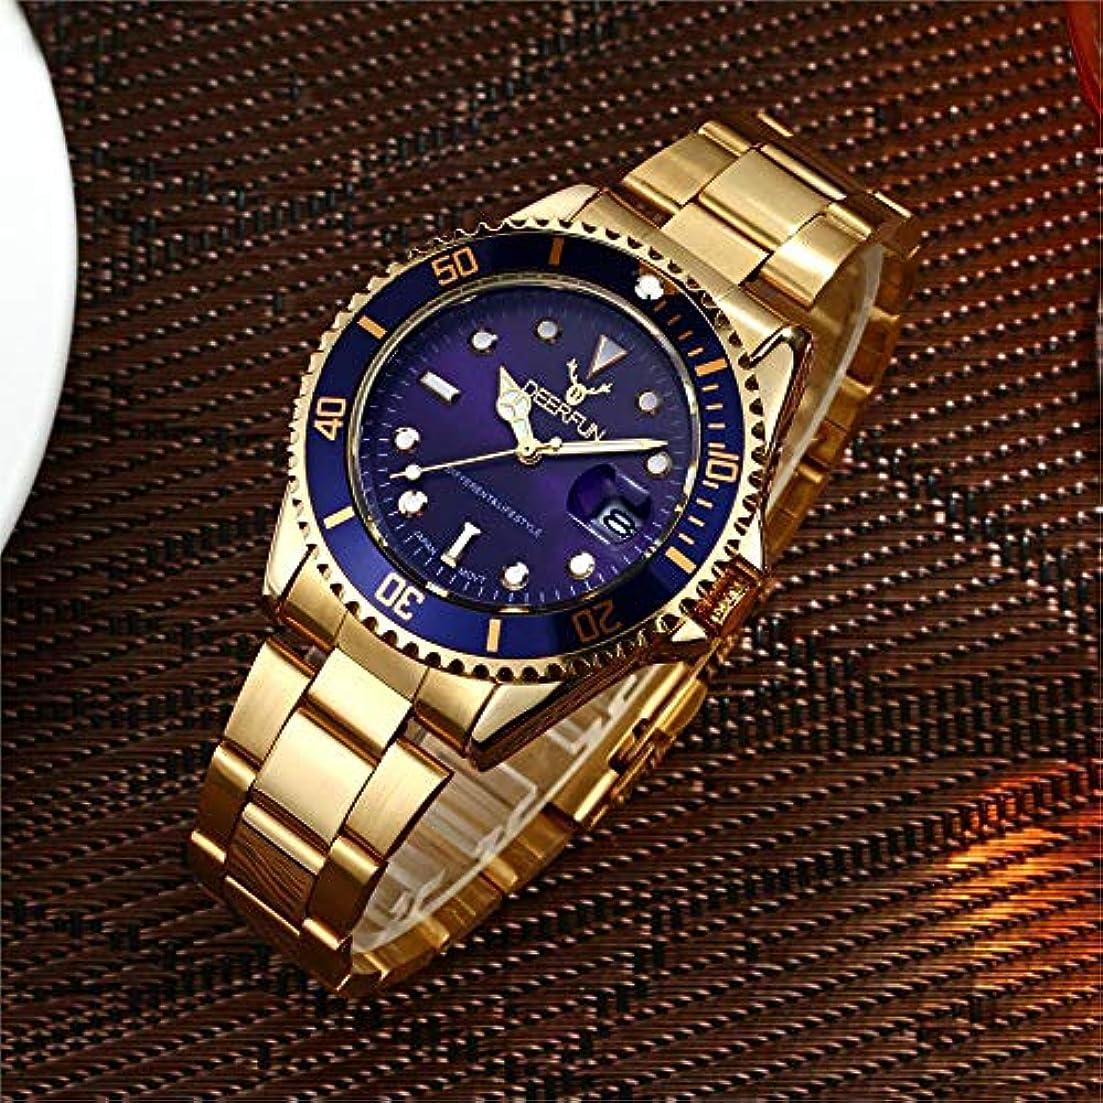 純粋にスイッチファントム防水腕時計メンズ高級ブランドカジュアルステンレススチールスポーツ腕時計クォーツ腕時計メンズ腕時計 (L)